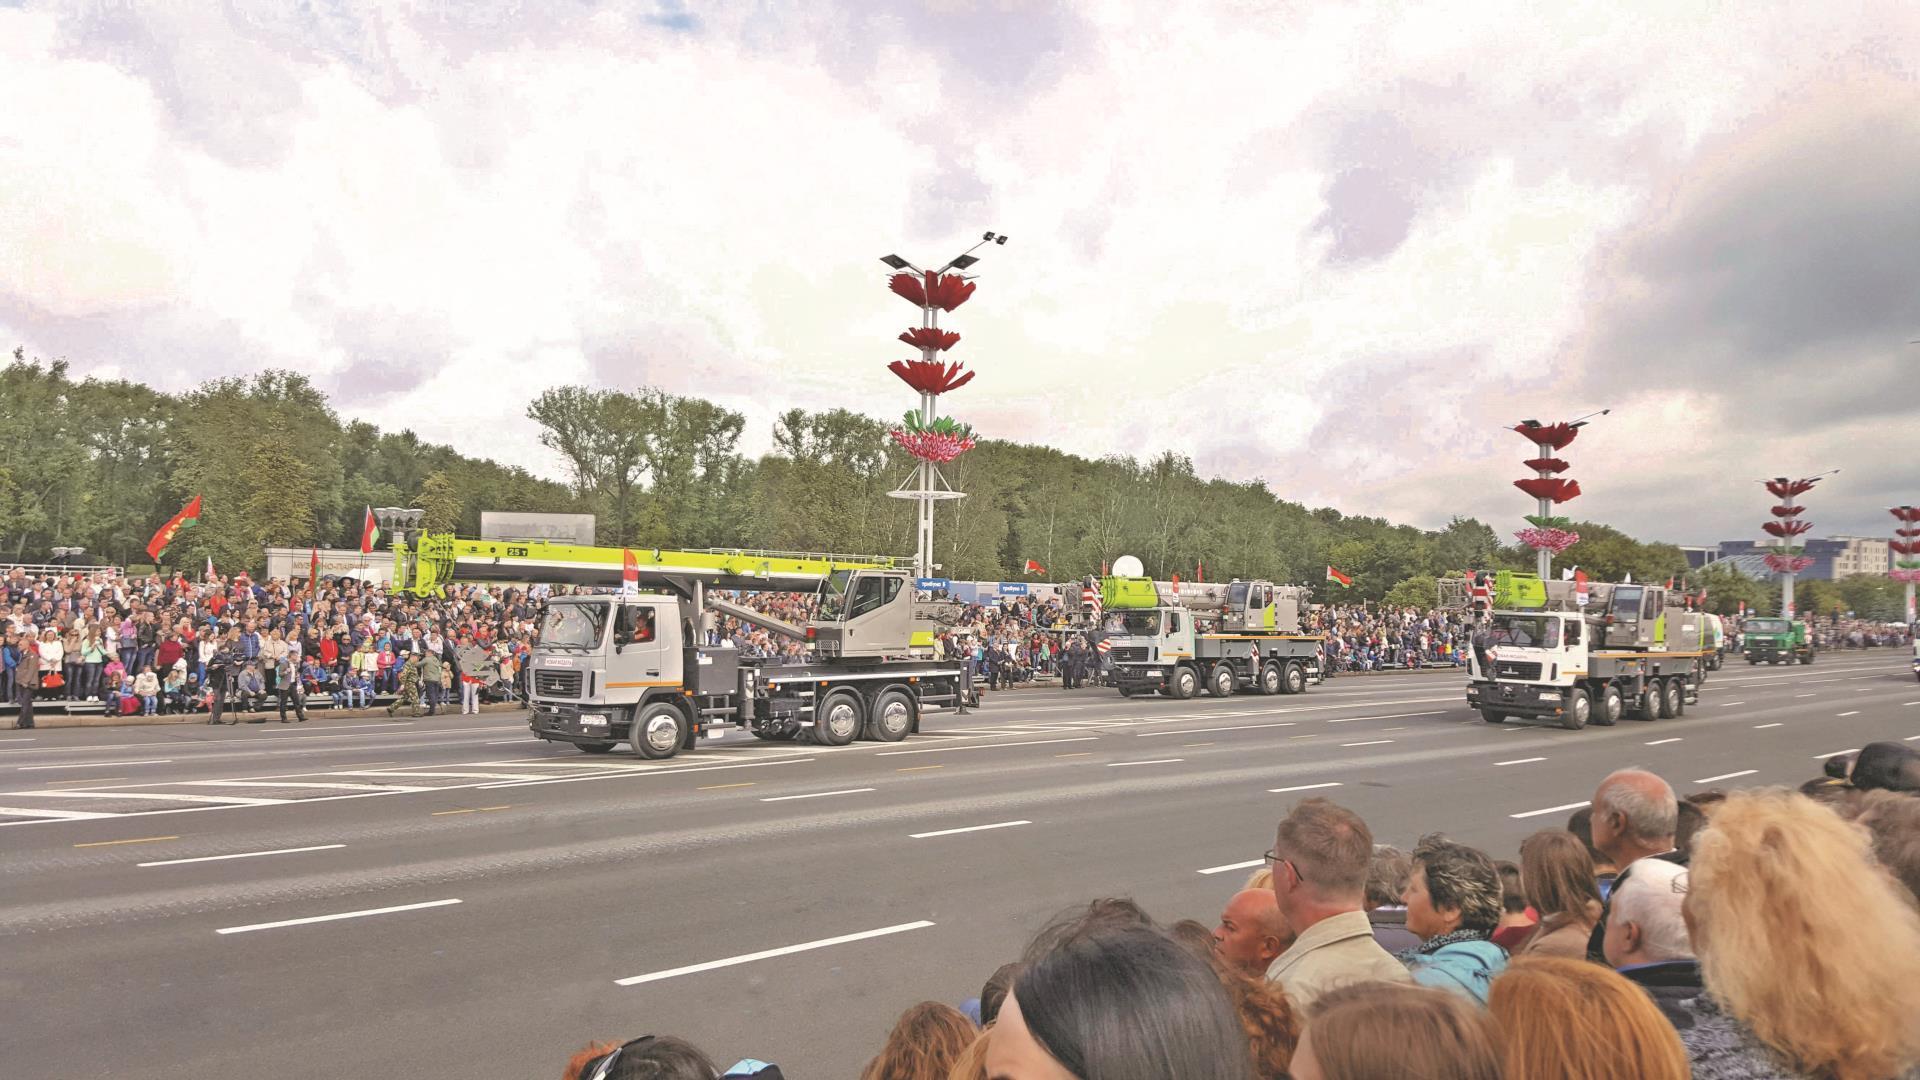 中联重科设备方队亮相白俄罗斯国家独立日阅兵庆典接受总统检阅